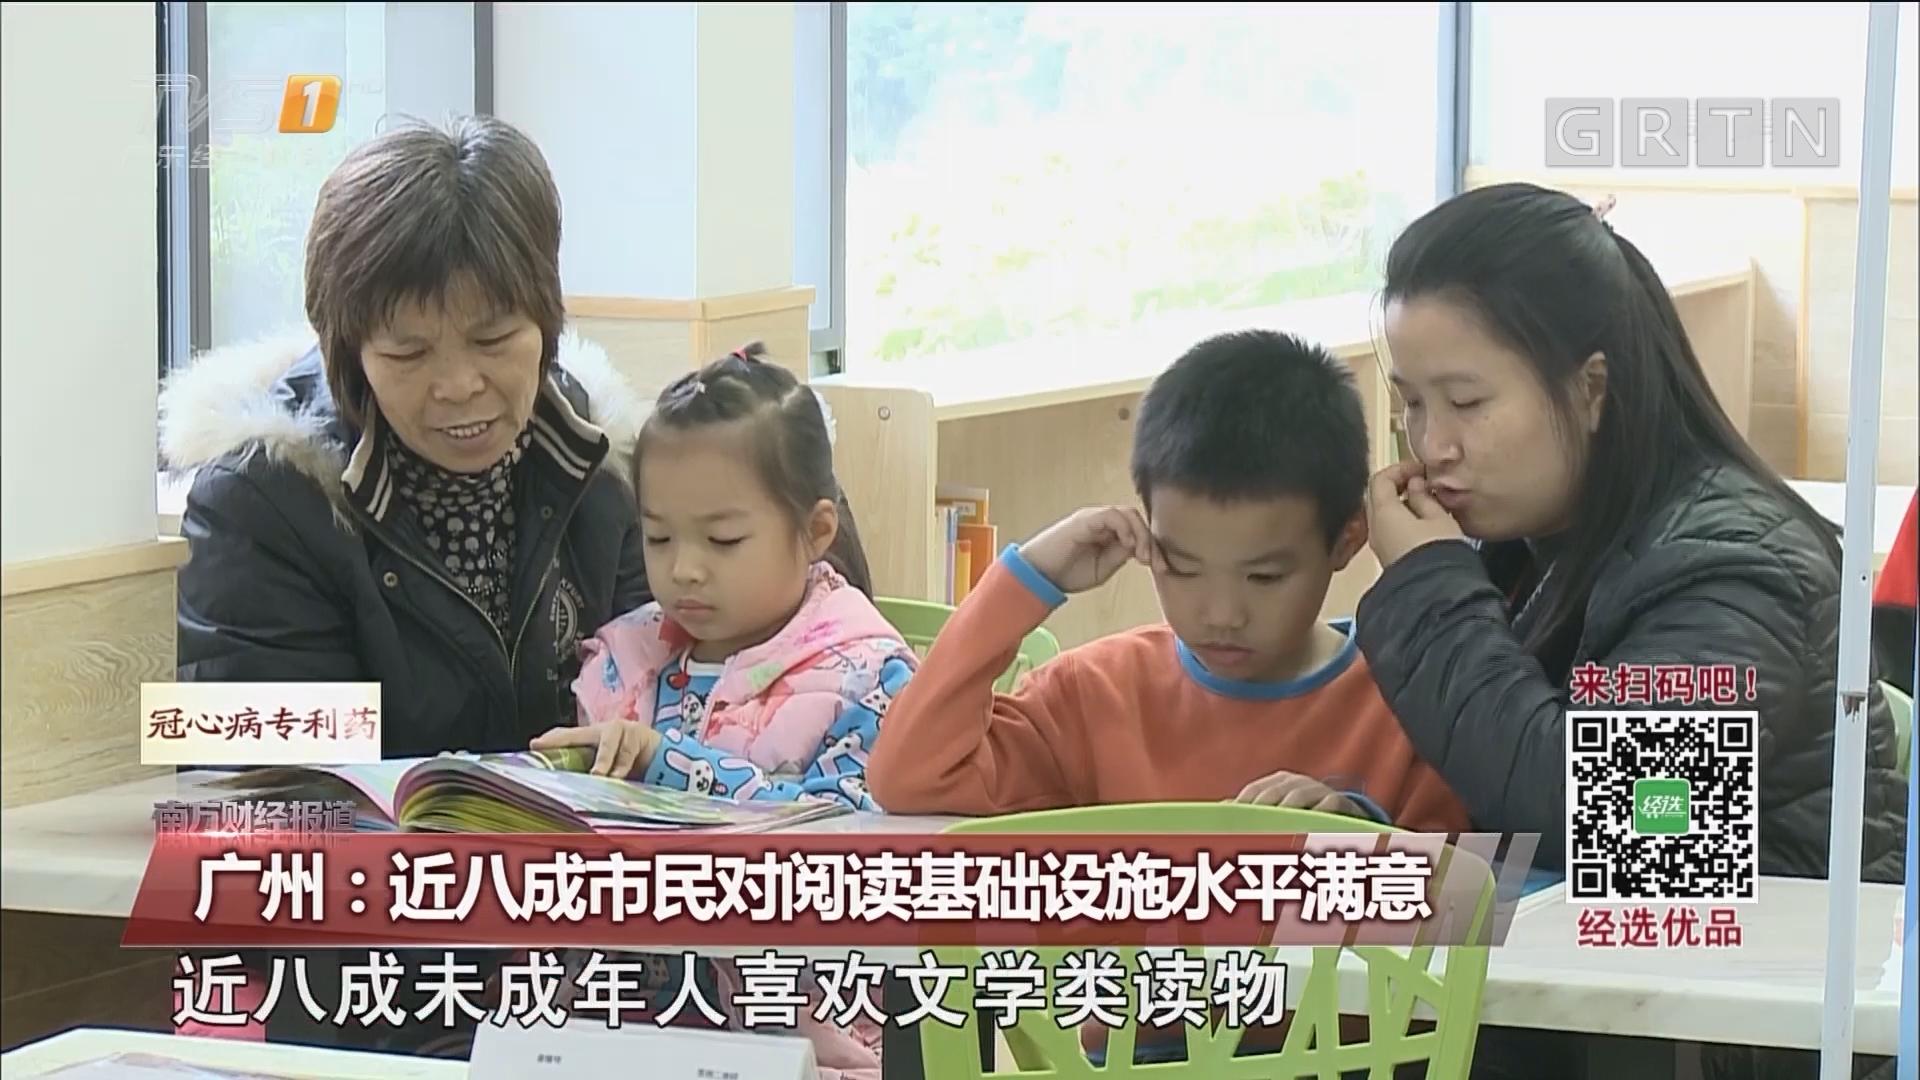 广州:近八成市民对阅读基础设施水平满意